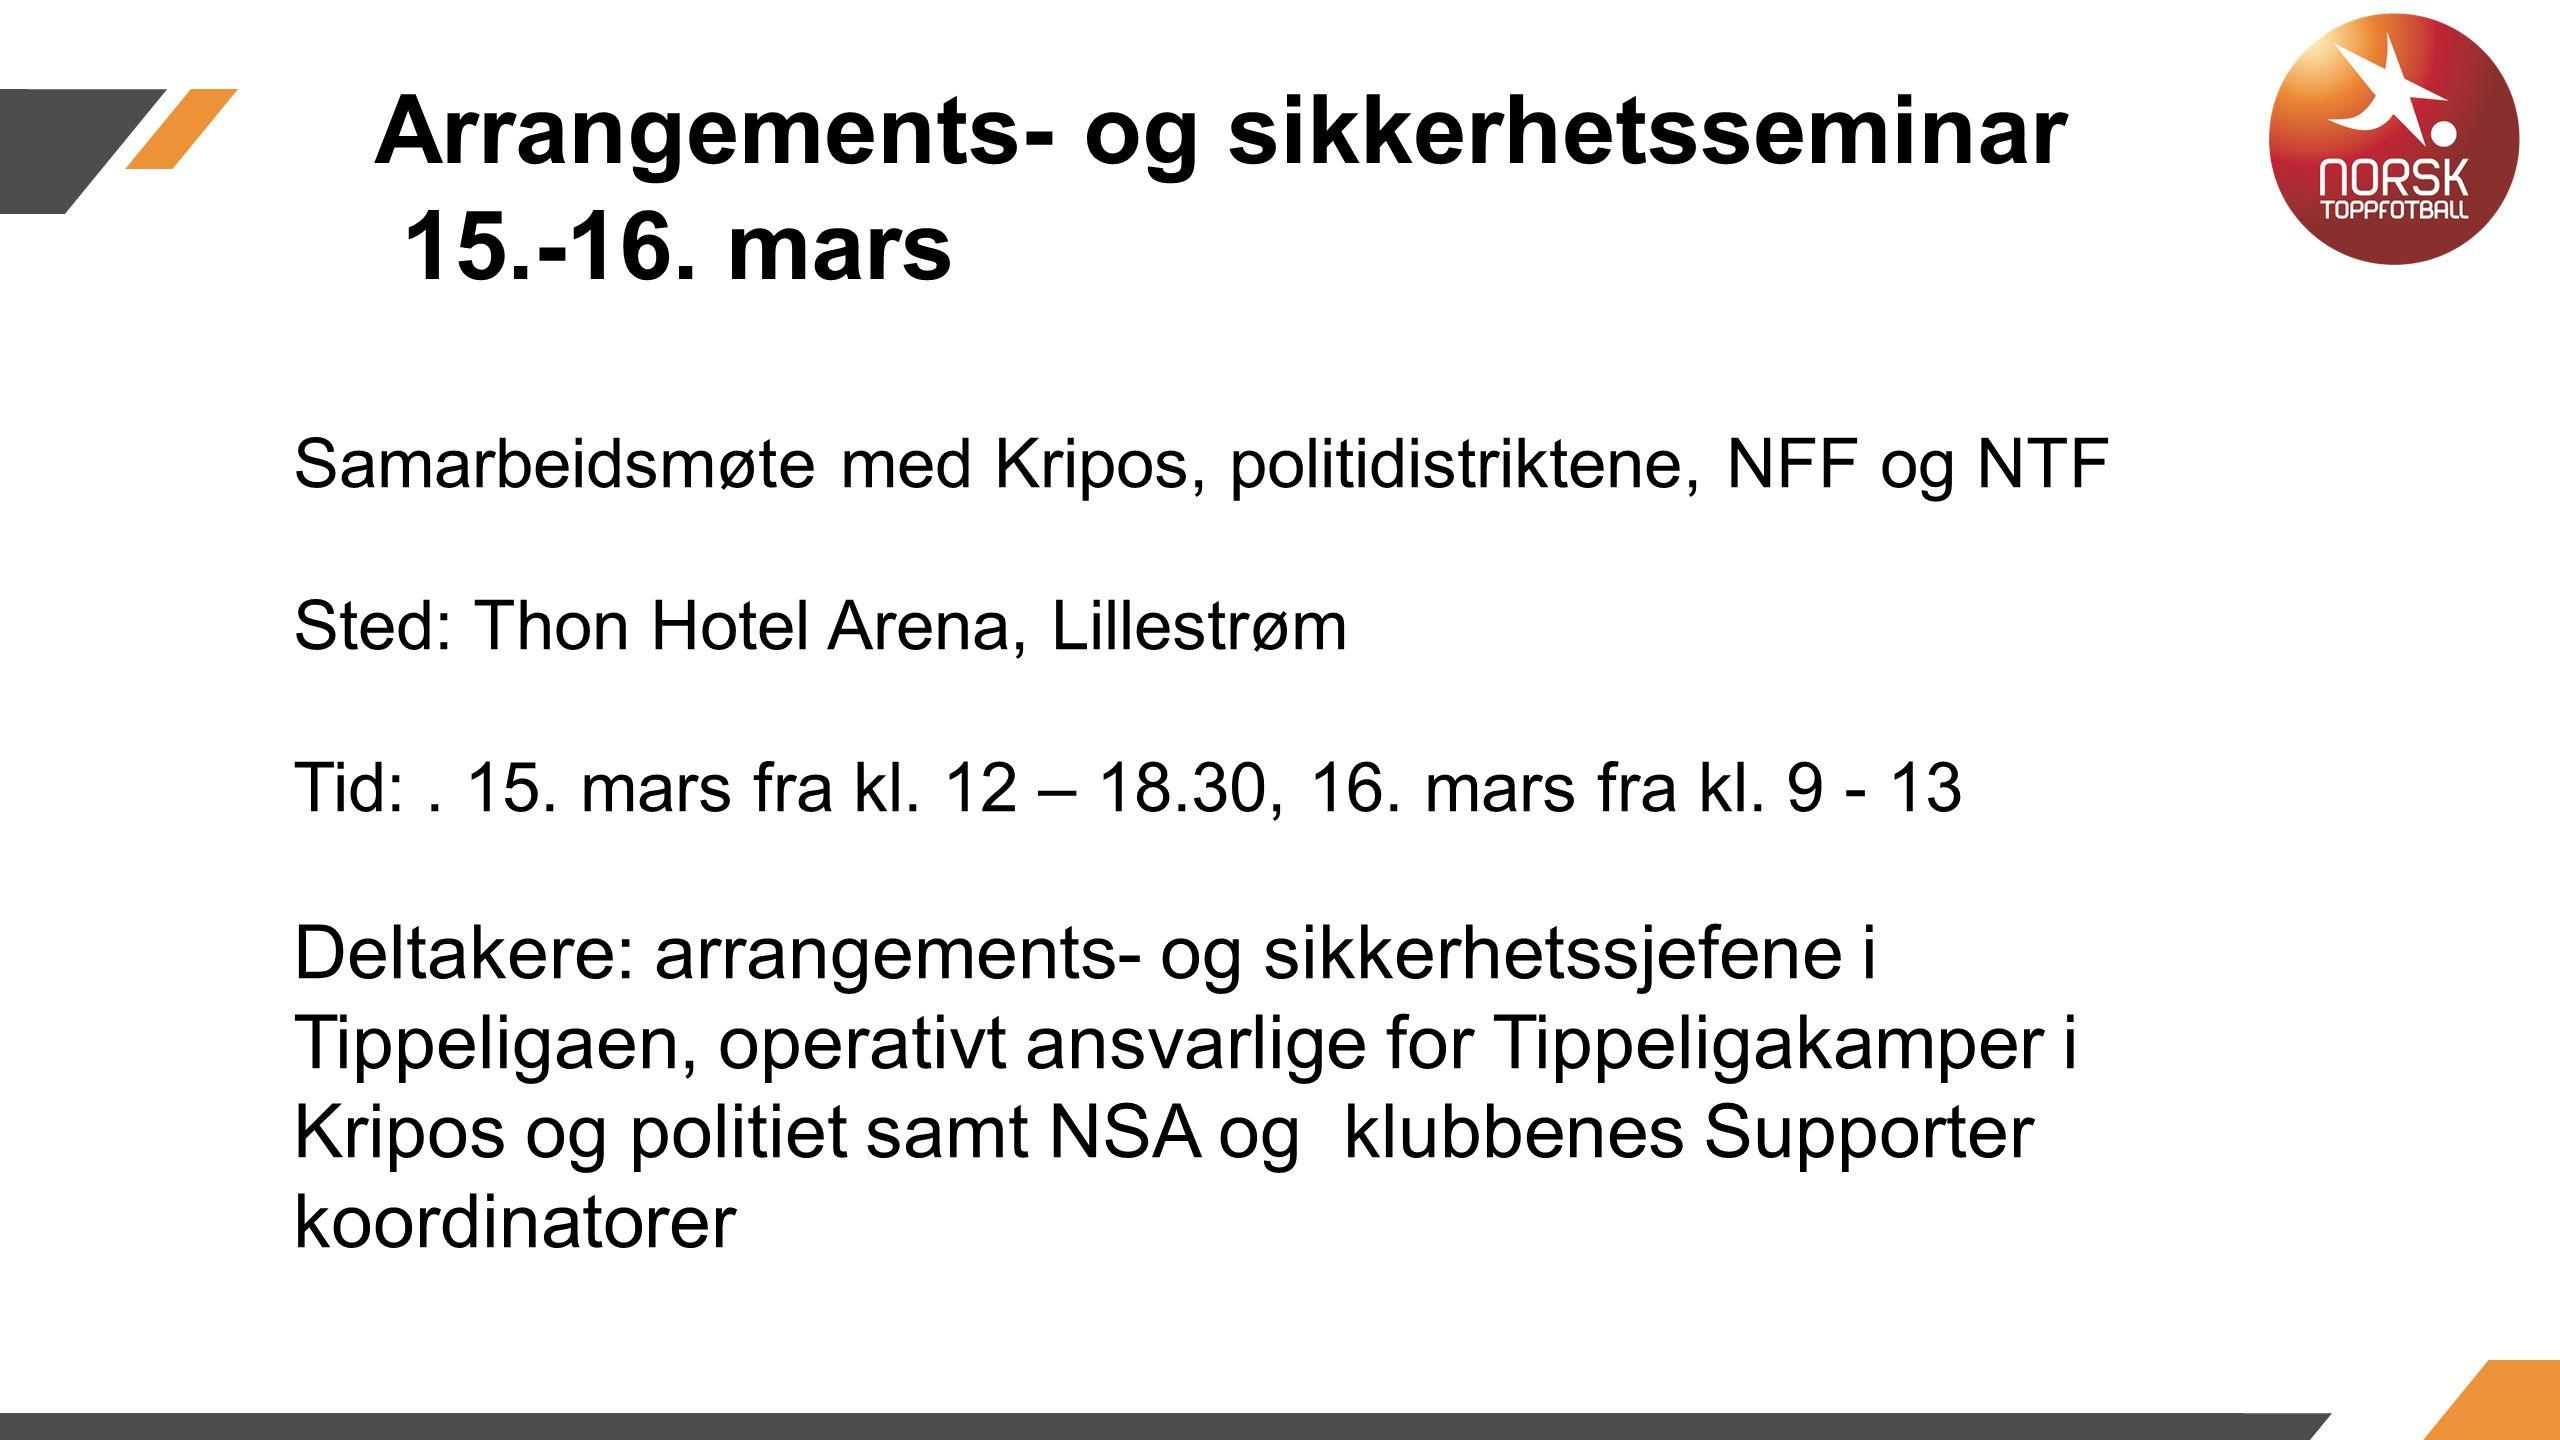 Samarbeidsmøte med Kripos, politidistriktene, NFF og NTF Sted: Thon Hotel Arena, Lillestrøm Tid:.